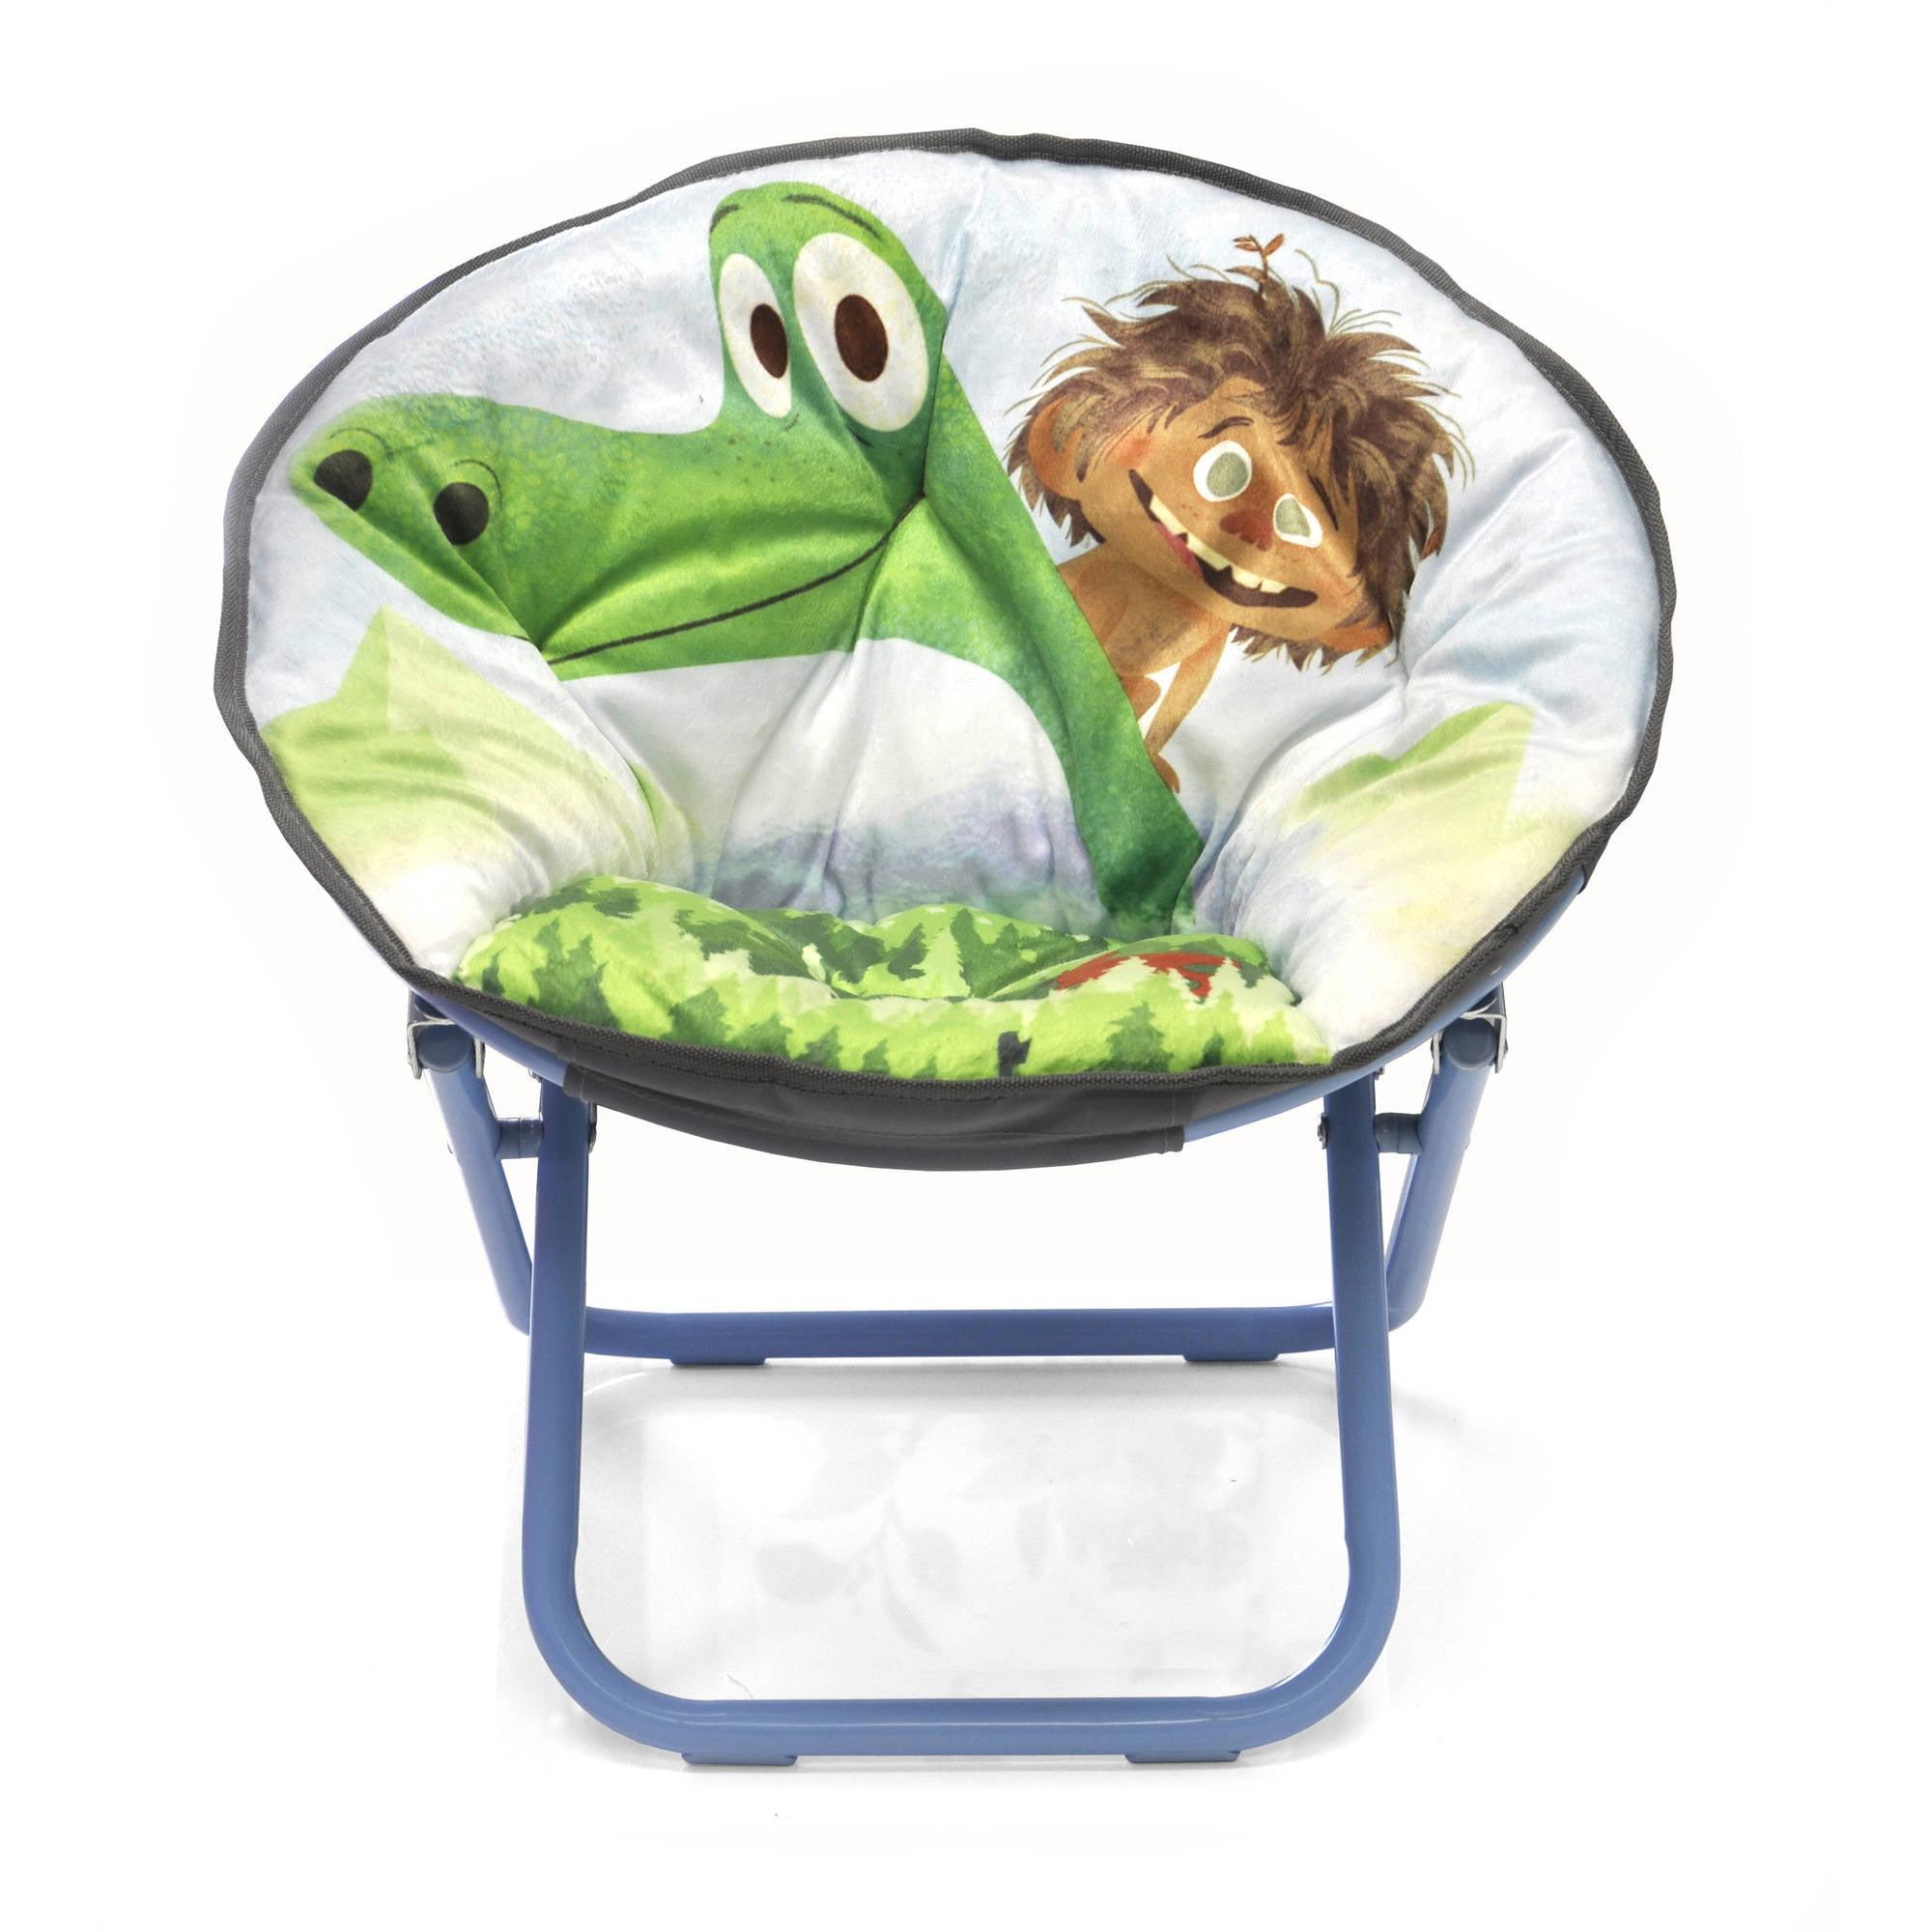 Good Dinosaur Mini Saucer Chair